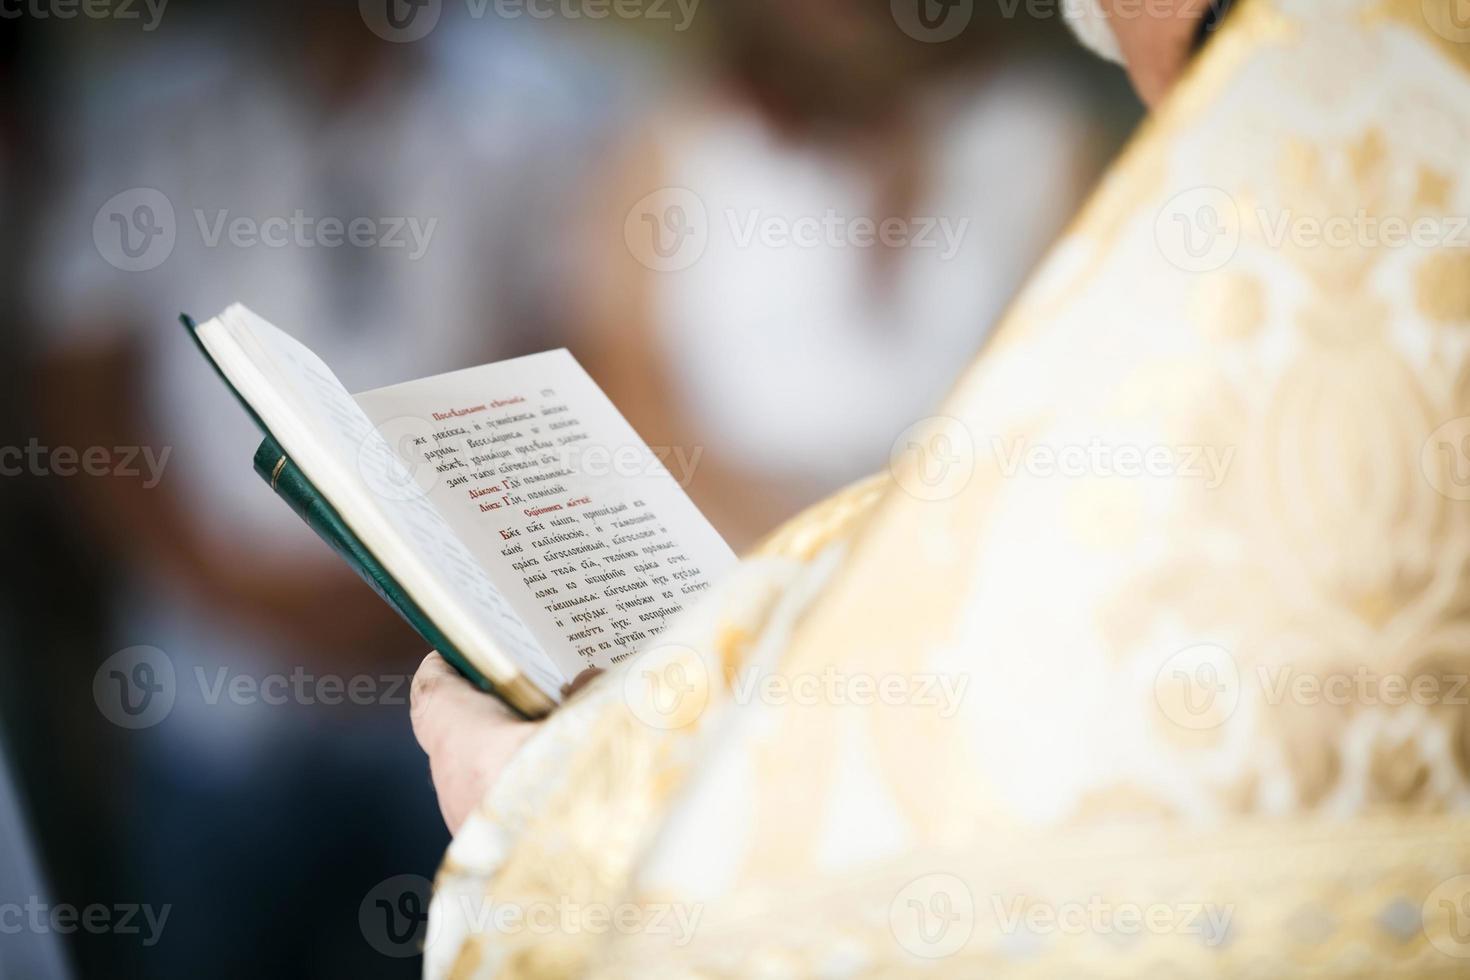 prêtre a lu le livre de prières. photo